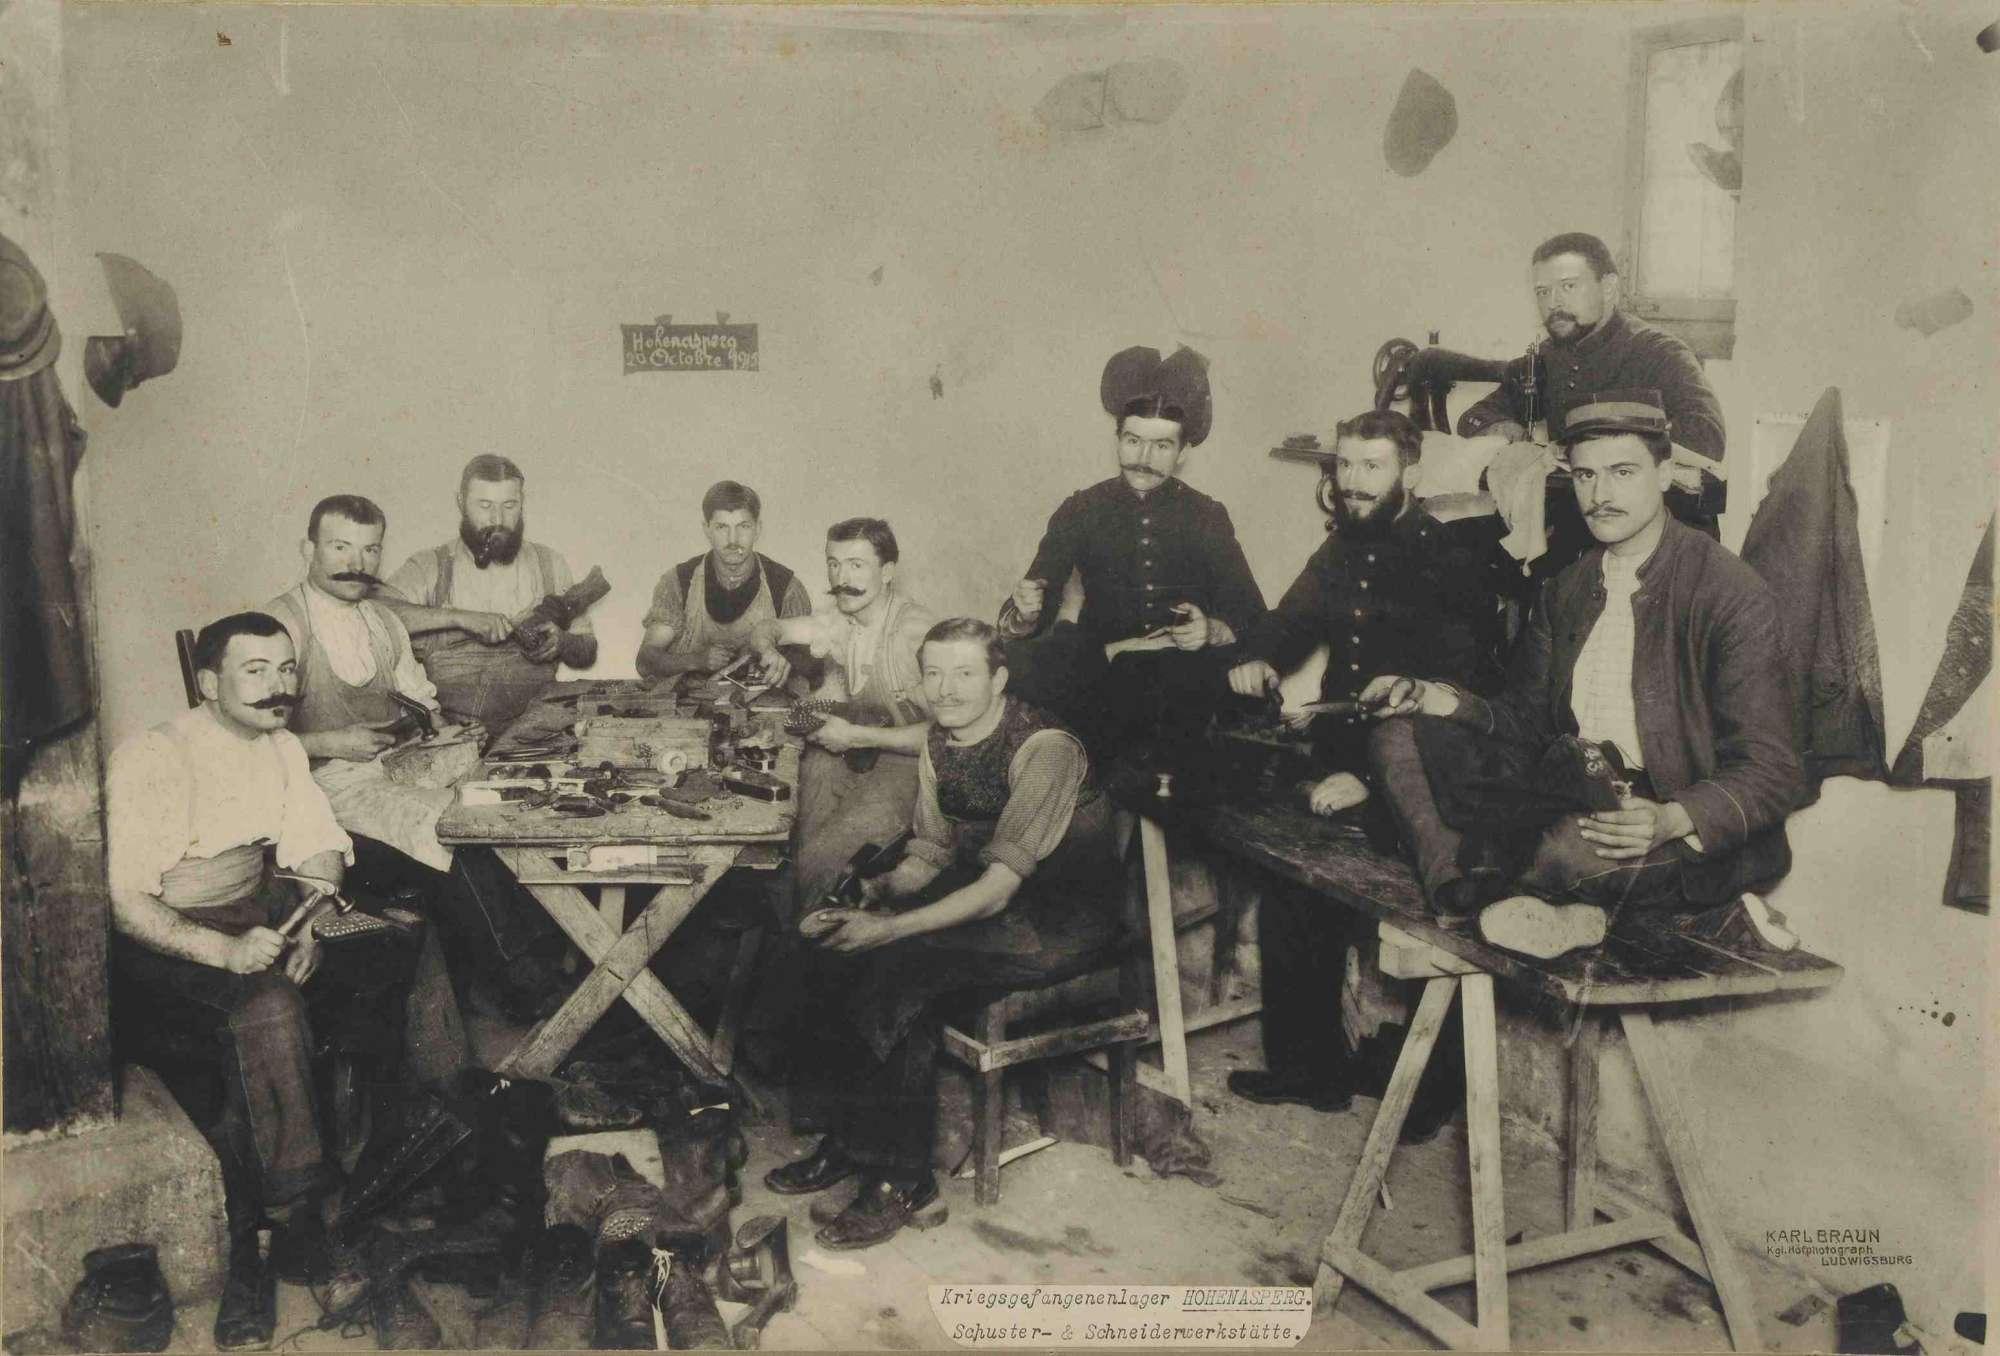 Arbeitende Kriegsgefangene in Schuster- und Schneiderwerkstätte im Kriegsgefangenenlager Hohenasperg, Bild 1